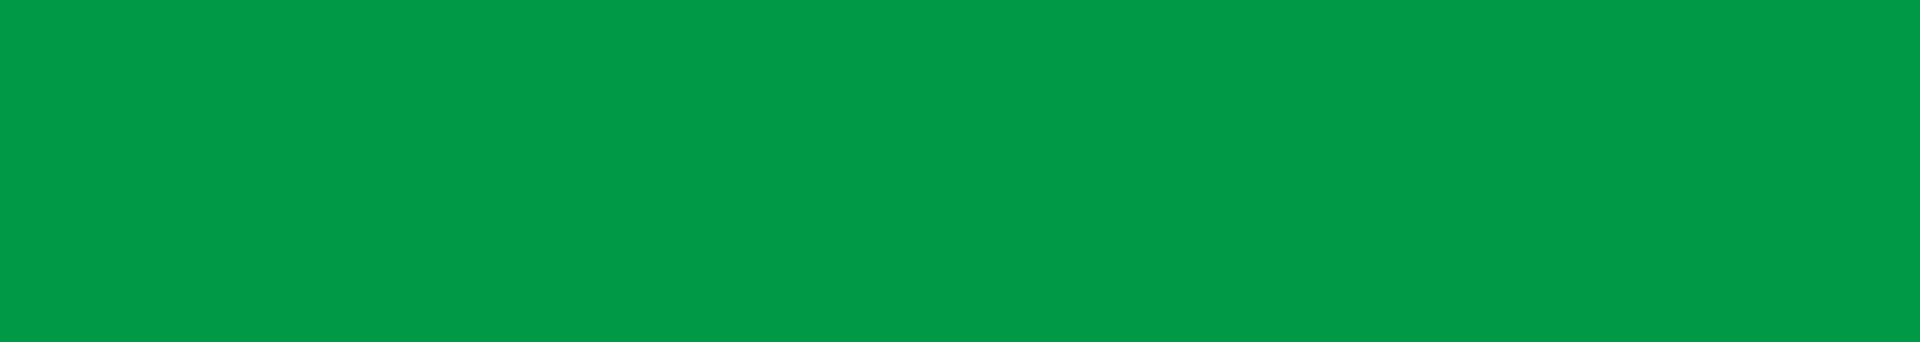 山东嘉益建民日用品有限公司 联系人 :韩总 电话:18931776896 邮箱:1158787679@qq.com QQ:1158787679 地址:山东省德州市庆云县经济技术开发区金山路北        网址:123.com